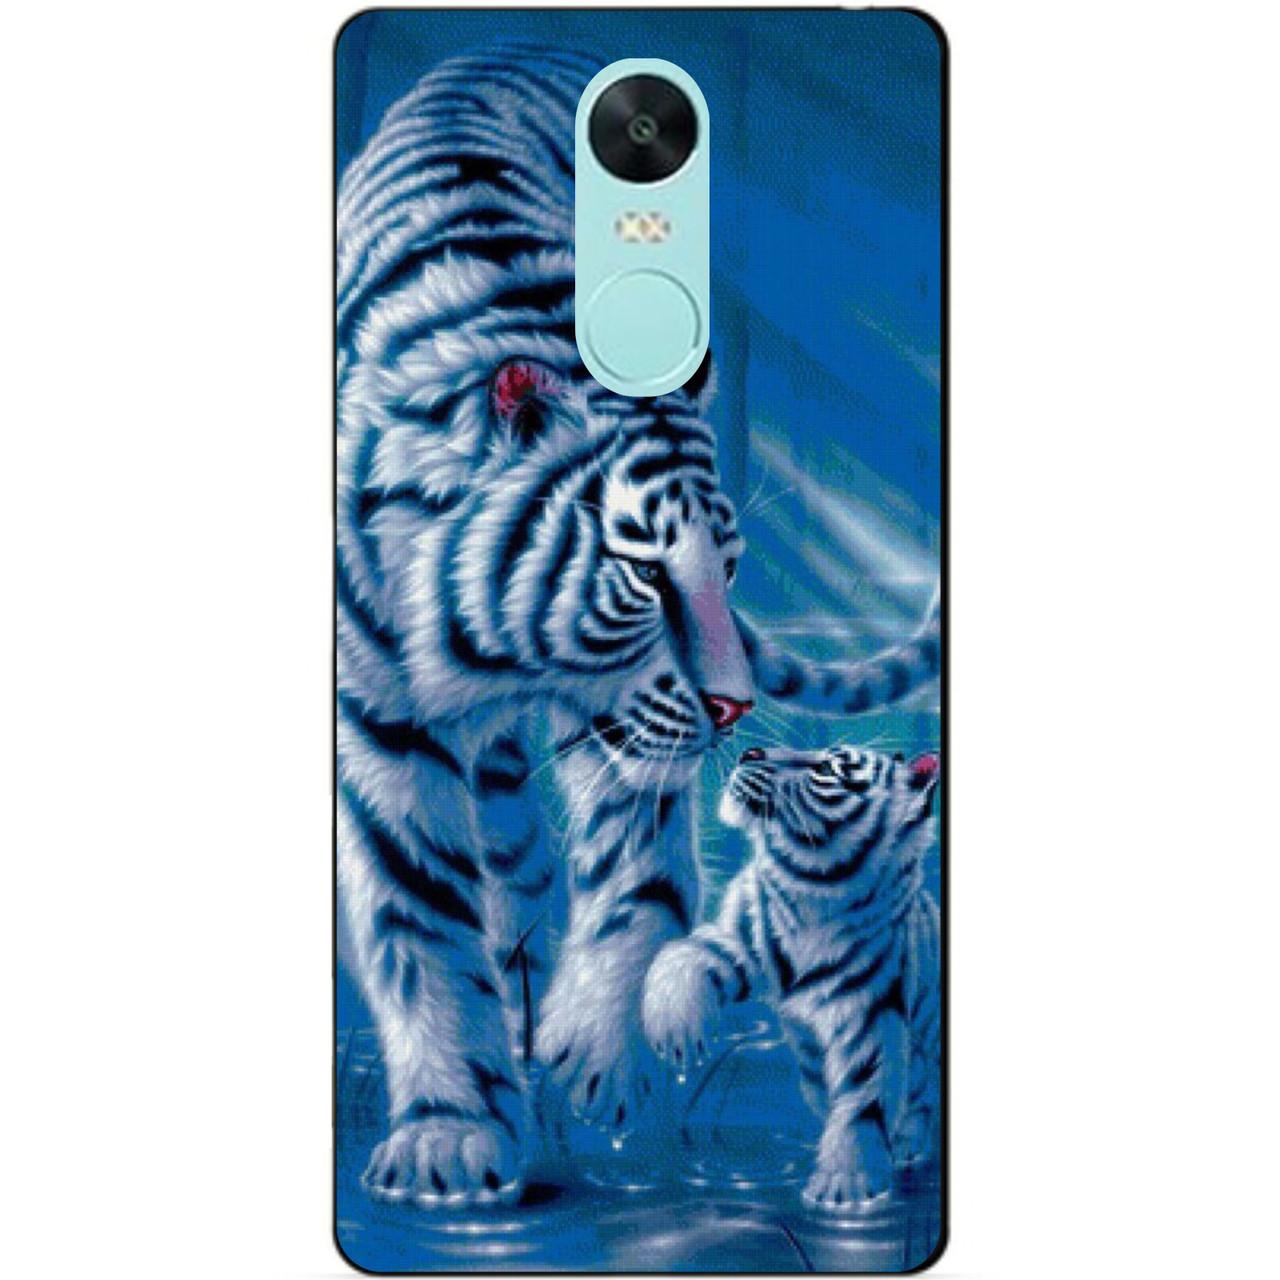 Силиконовый чехол бампер для Xiaomi Redmi Note 4x с рисунком Тигры